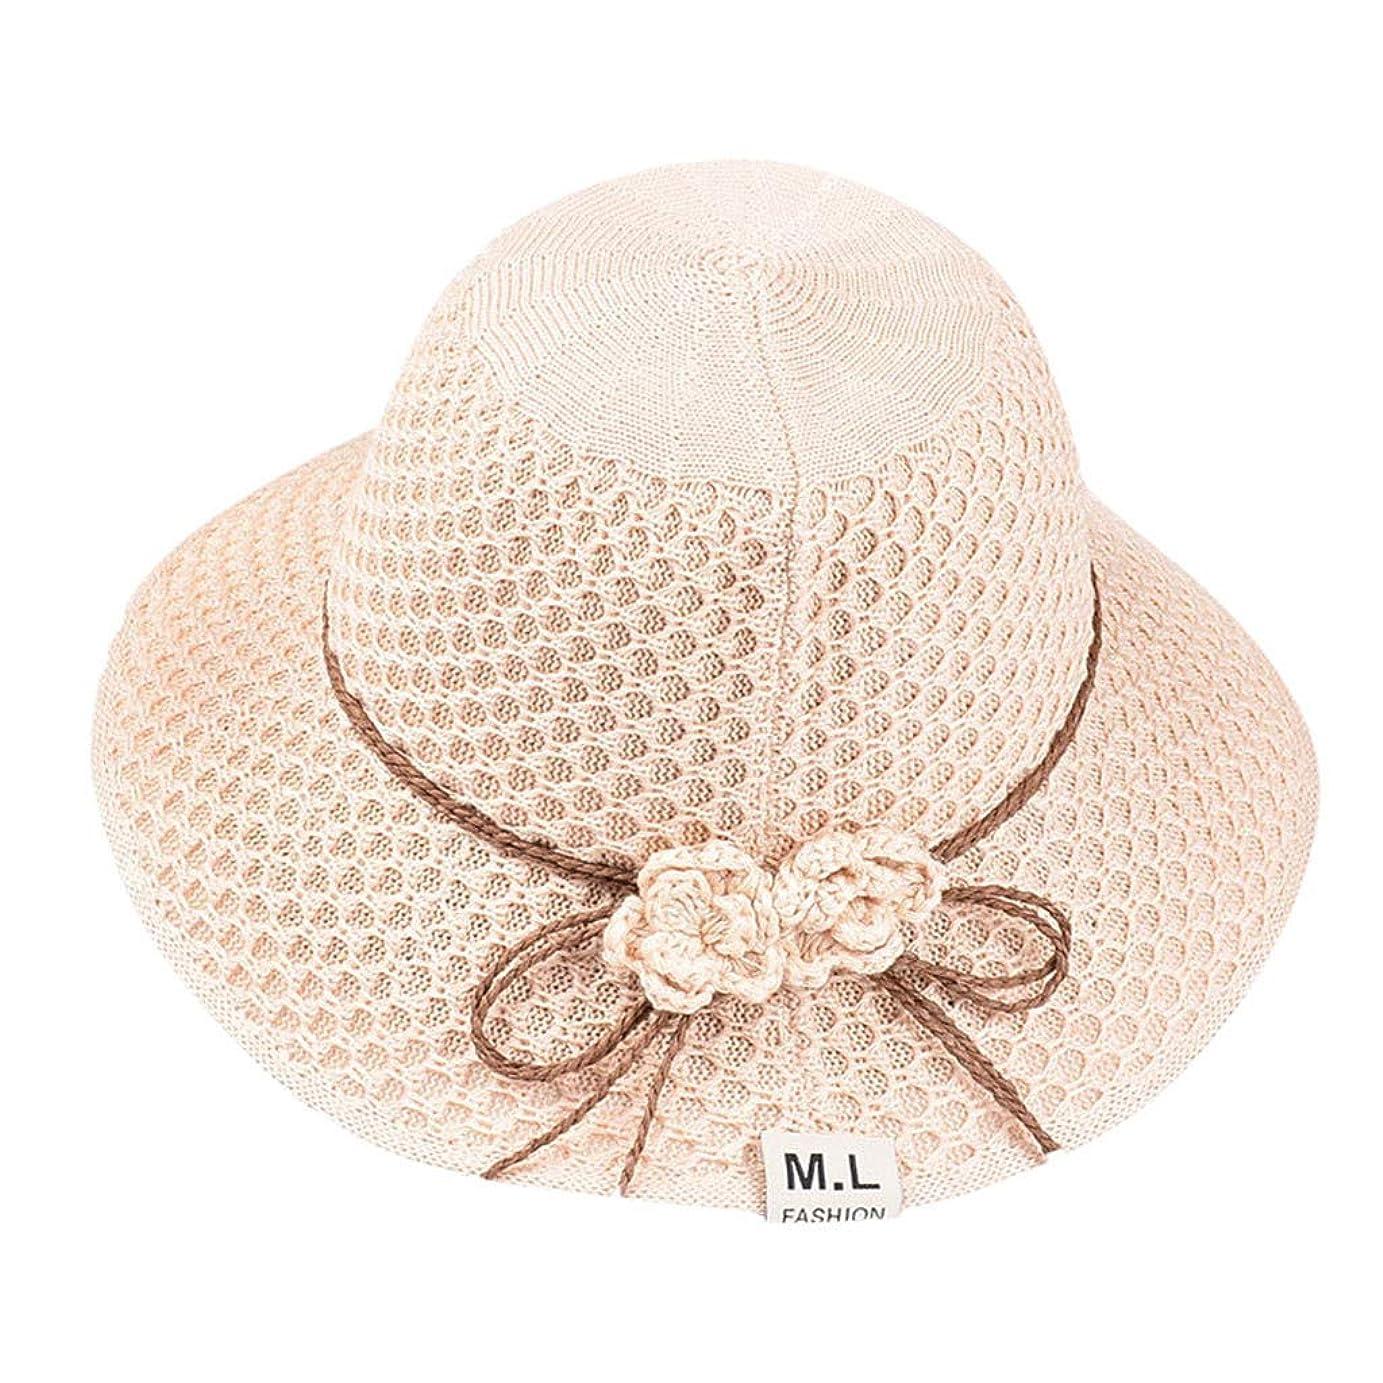 幸福運命ピース帽子 レディース ROSE ROMAN UVカット ハット 紫外線対策 可愛い 小顔効果抜群 麦わら帽子 サンバイザー uvカット キャップ 雨対策 日焼け ハット つば広 日焼け防止 軽量 熱中症予防 折りたたみ サイズ調節可